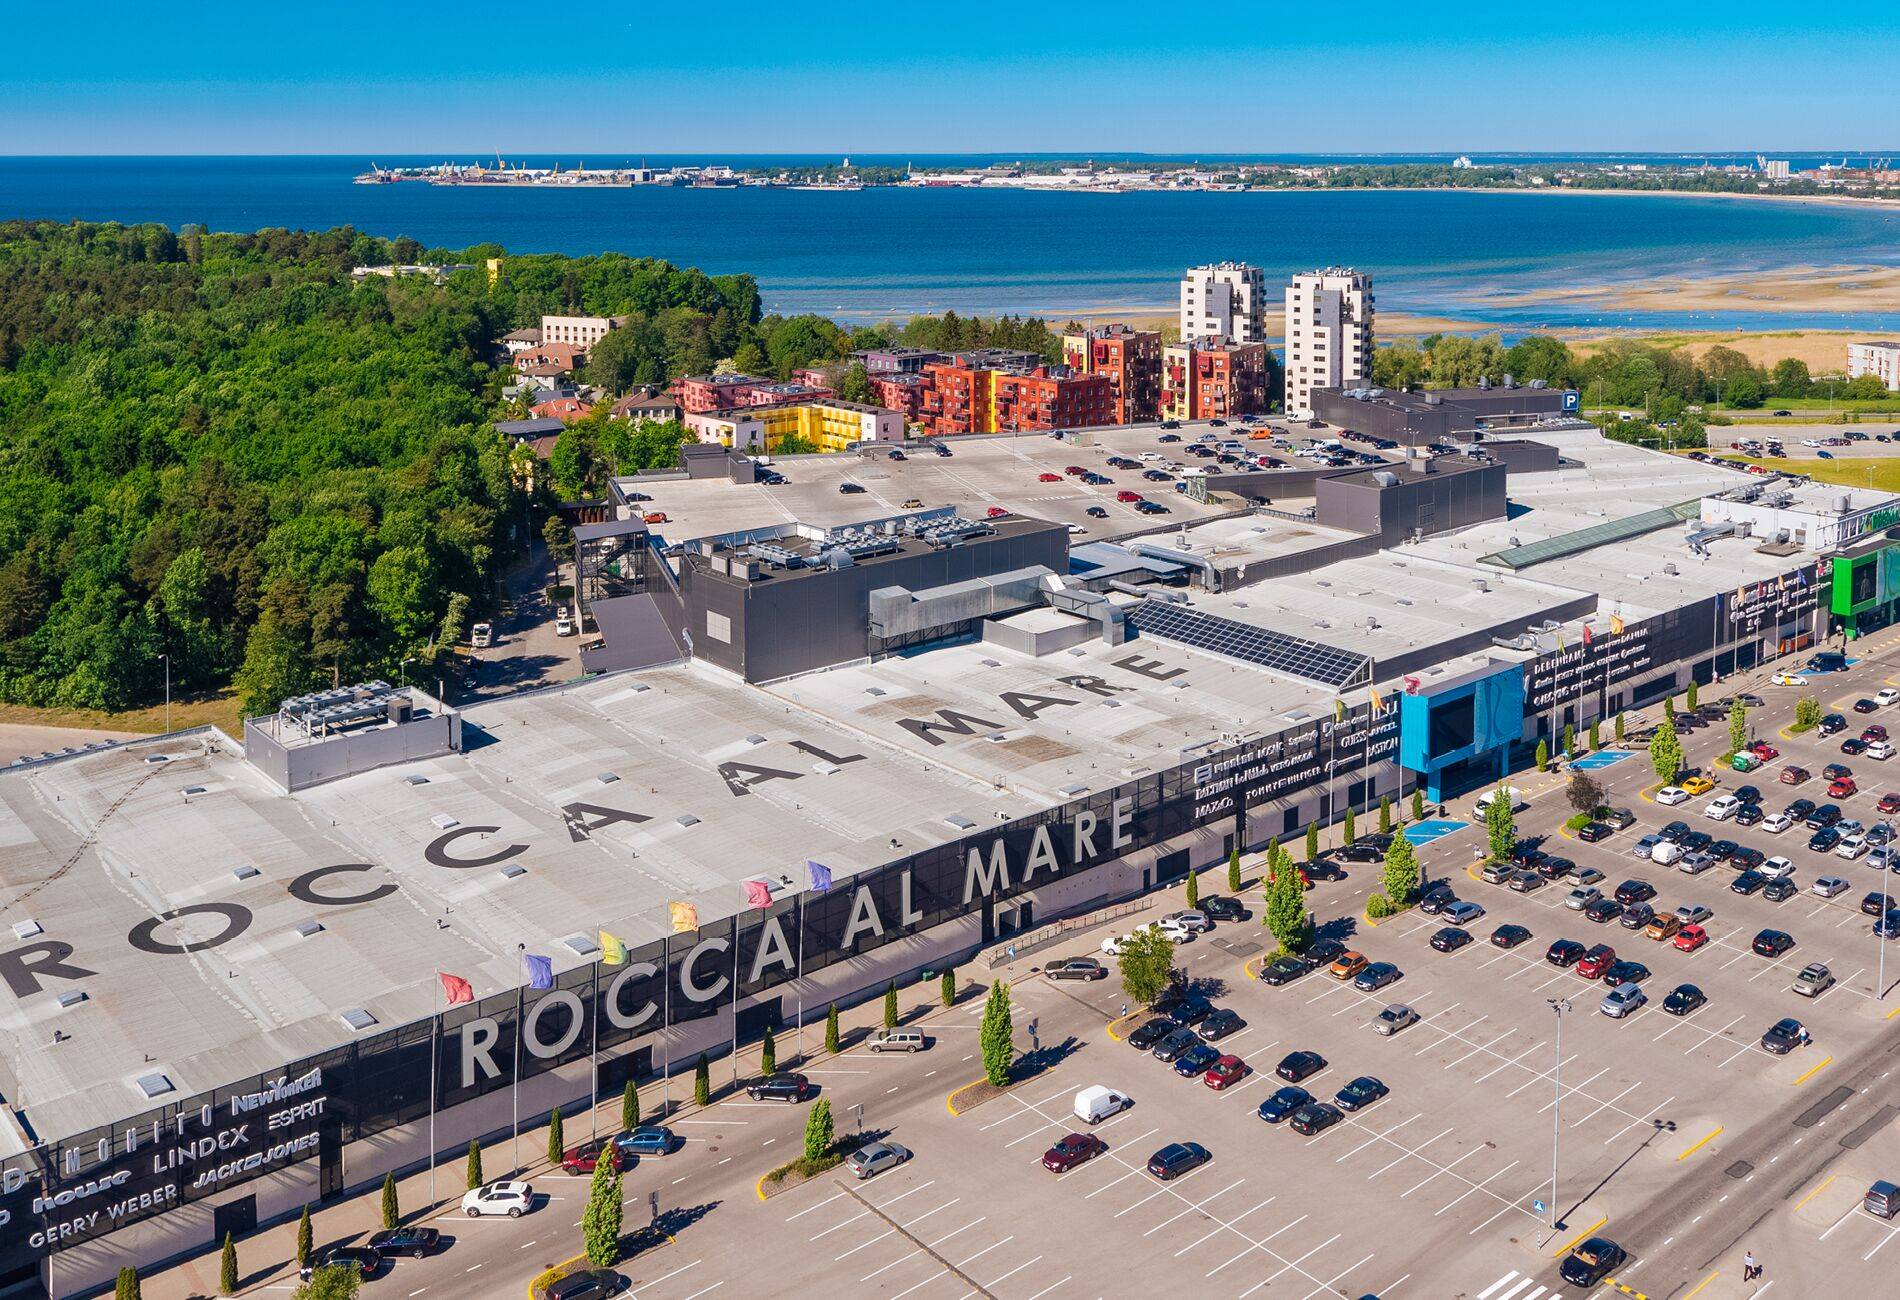 Rocca al Mare shopping centre